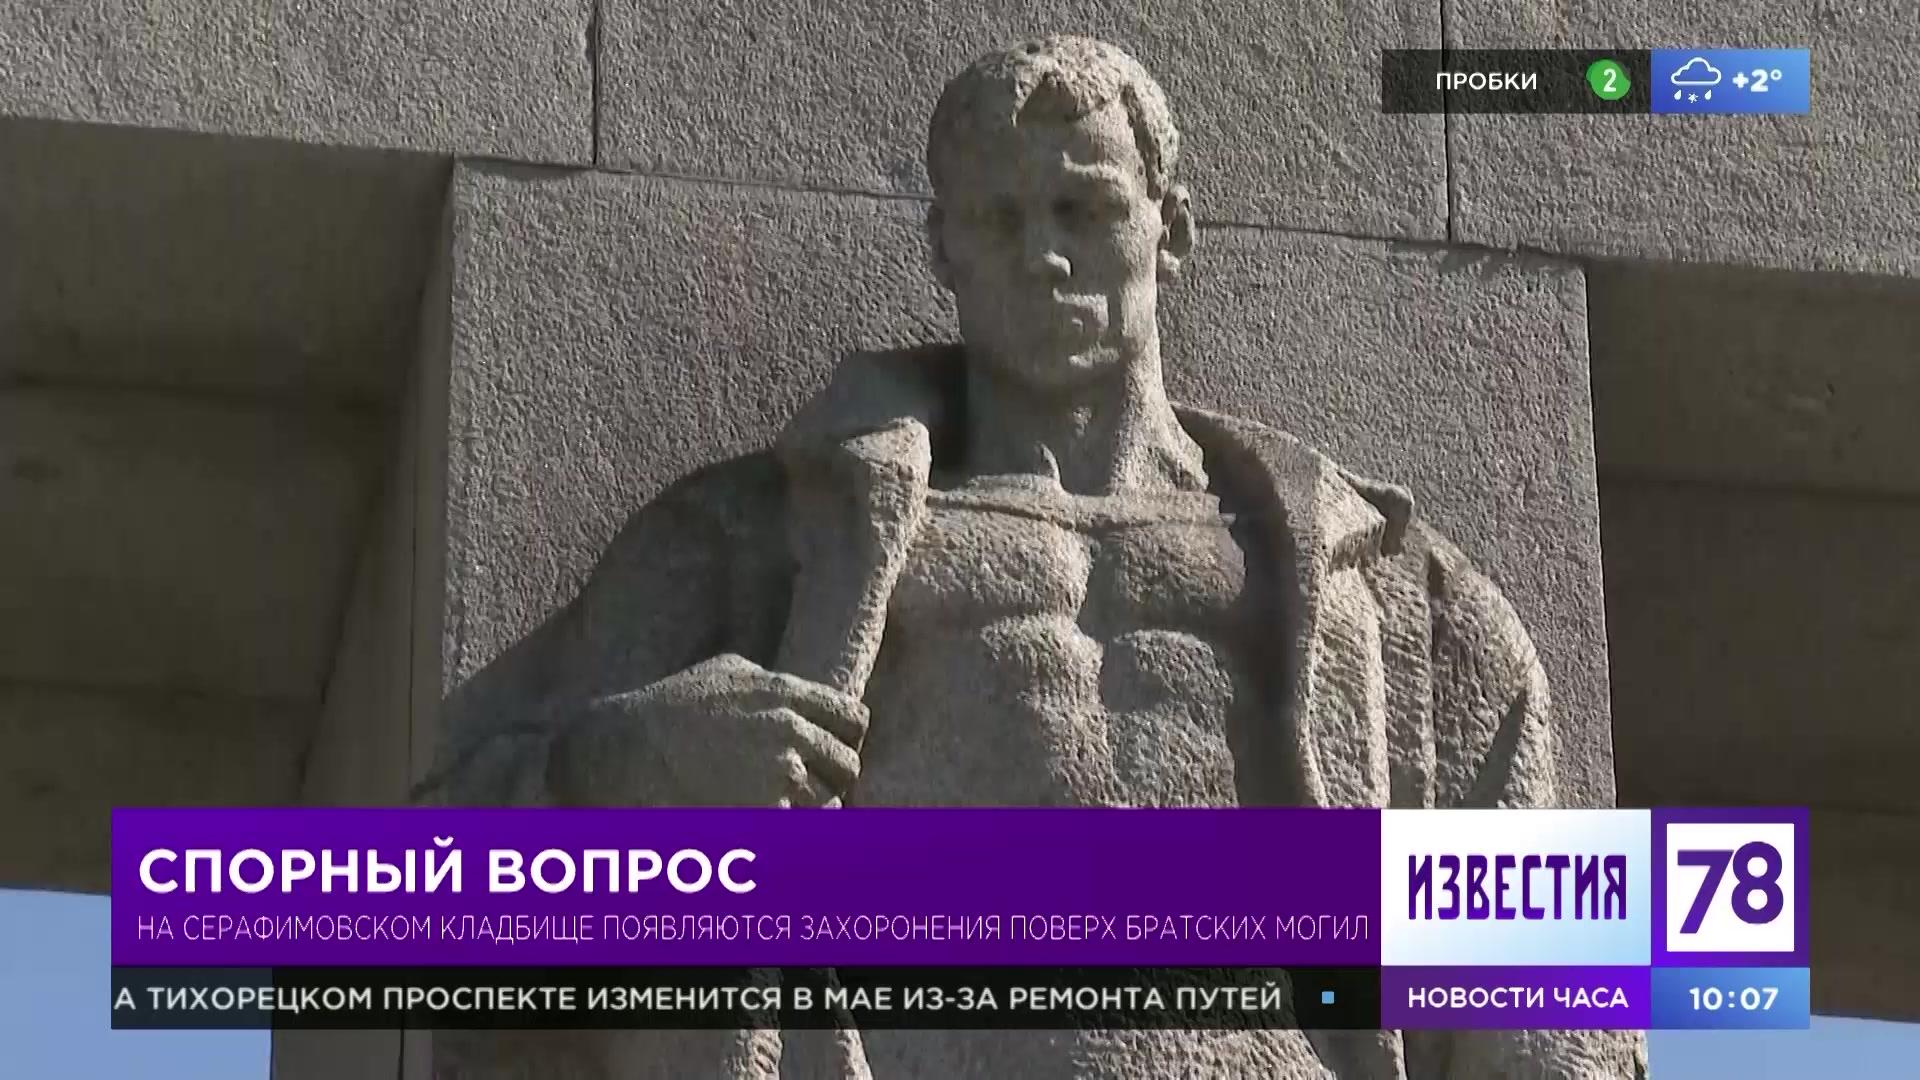 78.ru - «В рамках закона»: поверх братских могил Серафимовского кладбища ведут свежие захоронения